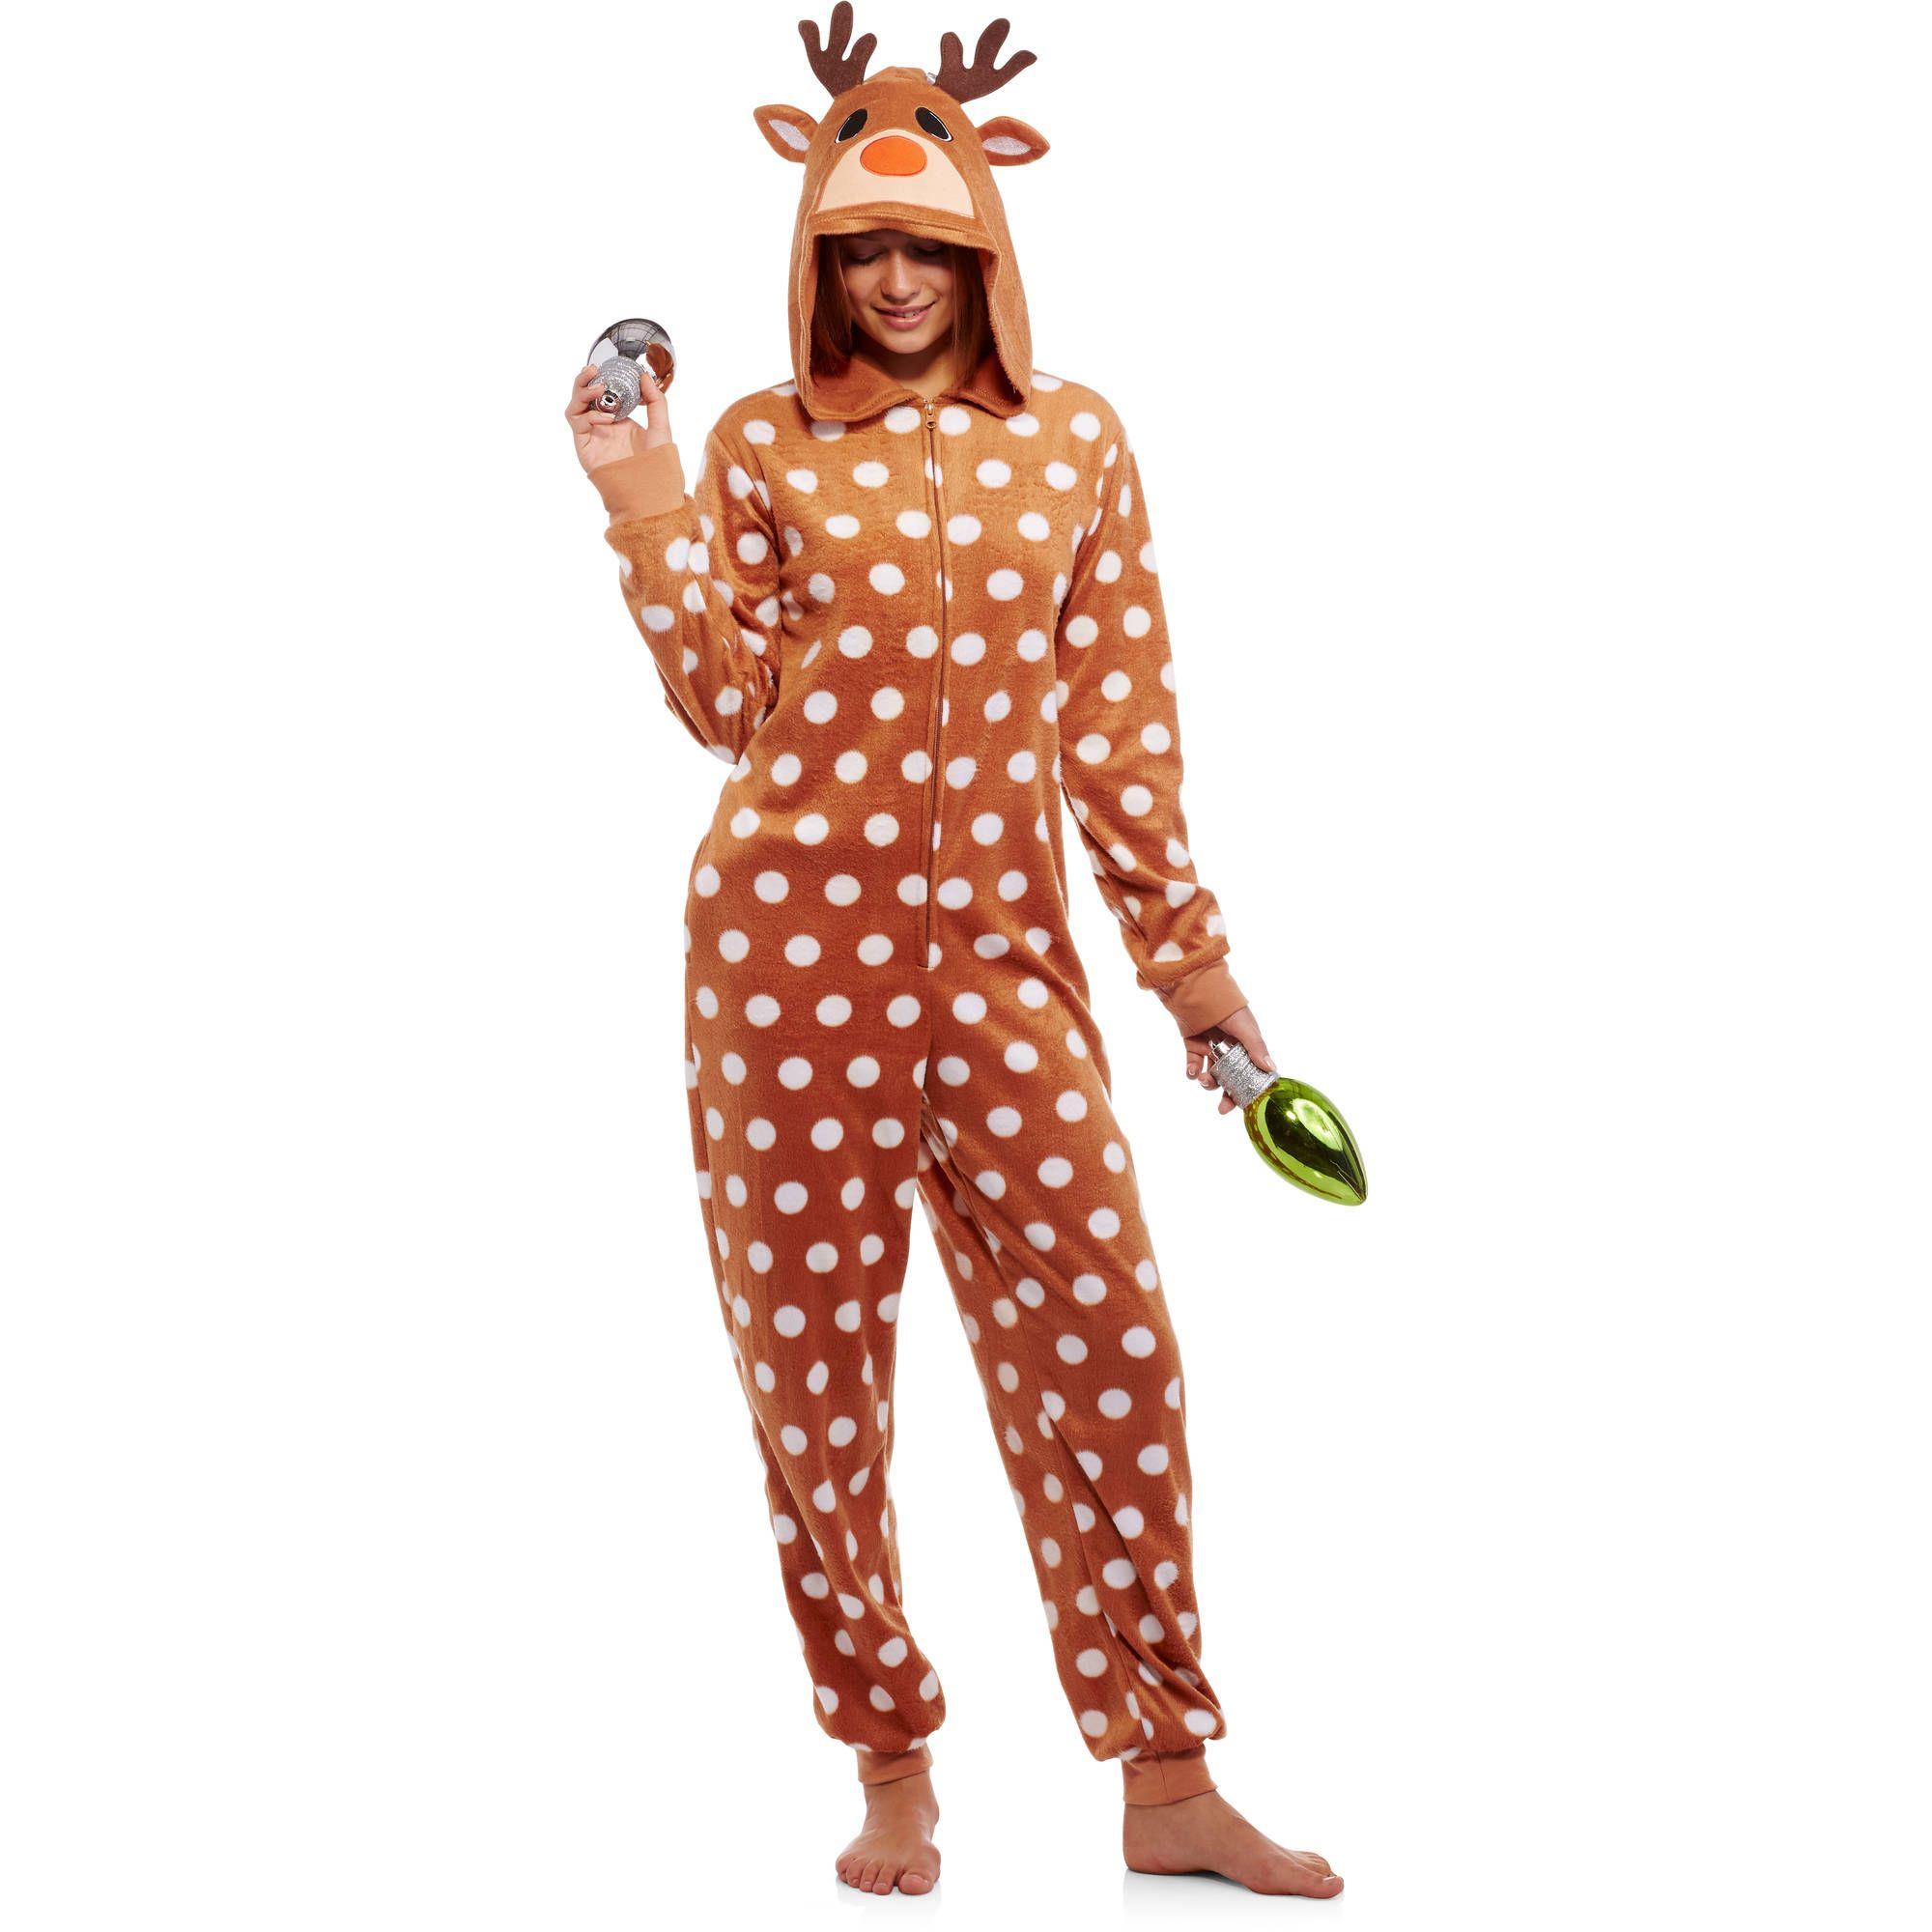 Toys | Union suit pajamas, Onesie costumes, Holiday pajamas